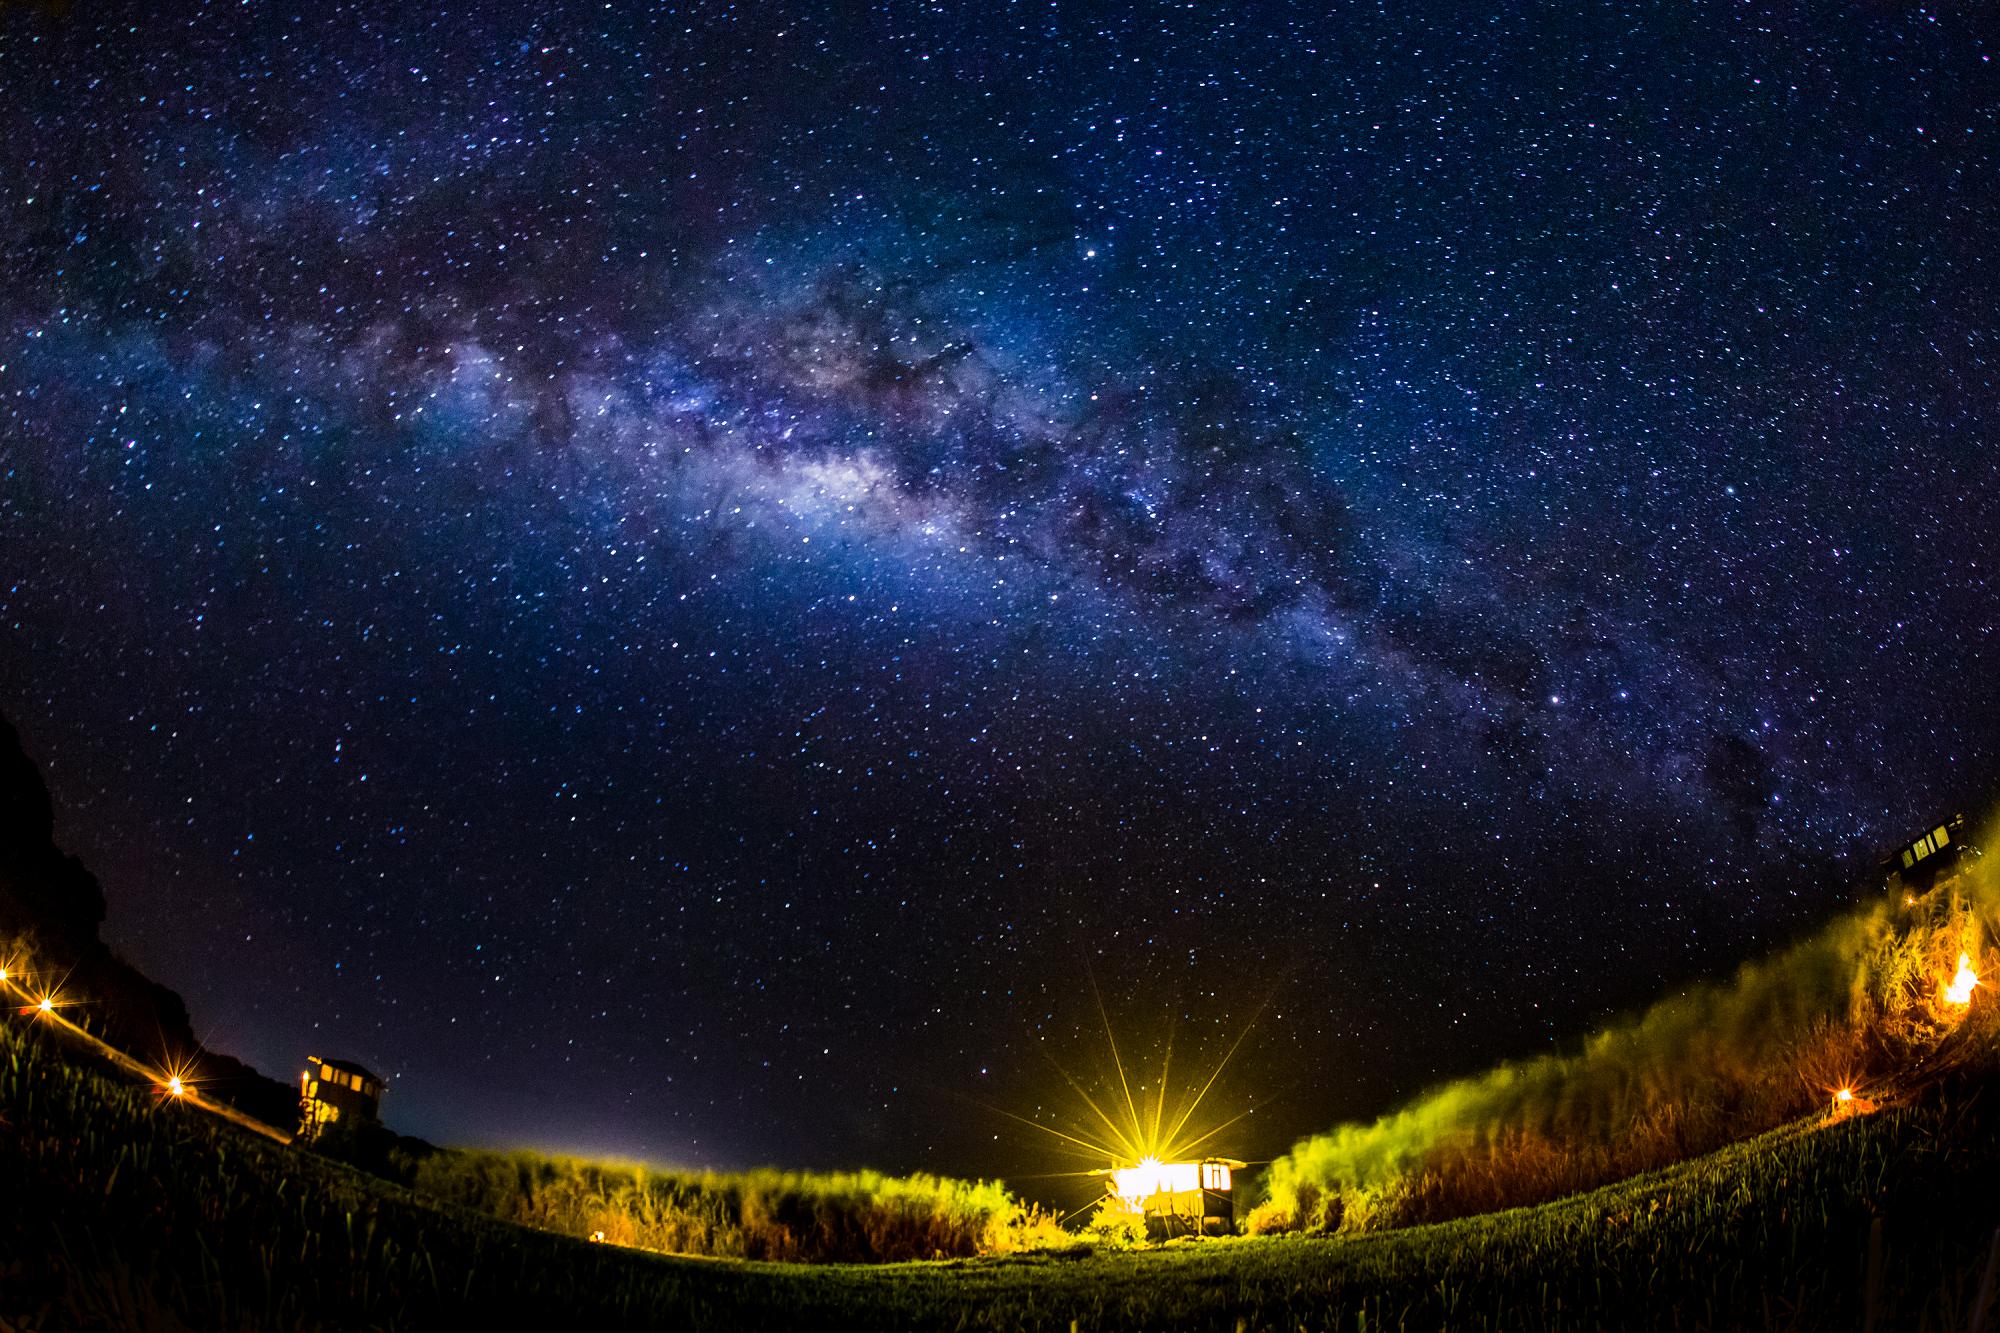 шестом звездное небо фото высокого качества является одной эффективных